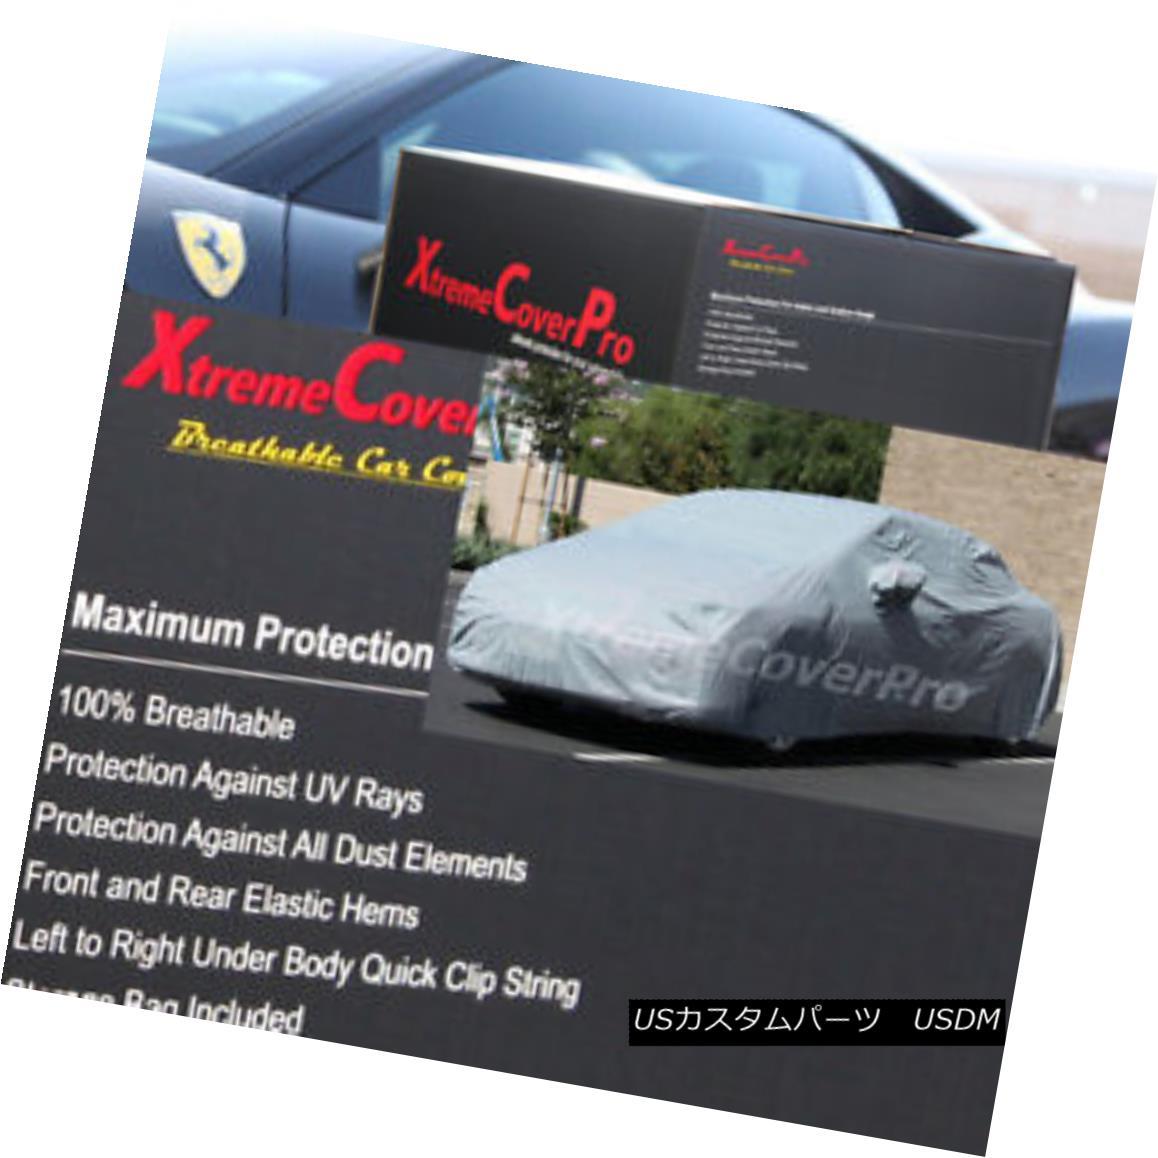 カーカバー 2005 2006 2007 Ford Focus Sedan Breathable Car Cover w/MirrorPocket 2005年2006年2007年フォードフォーカスセダンBreathable Car Cover with MirrorPocket